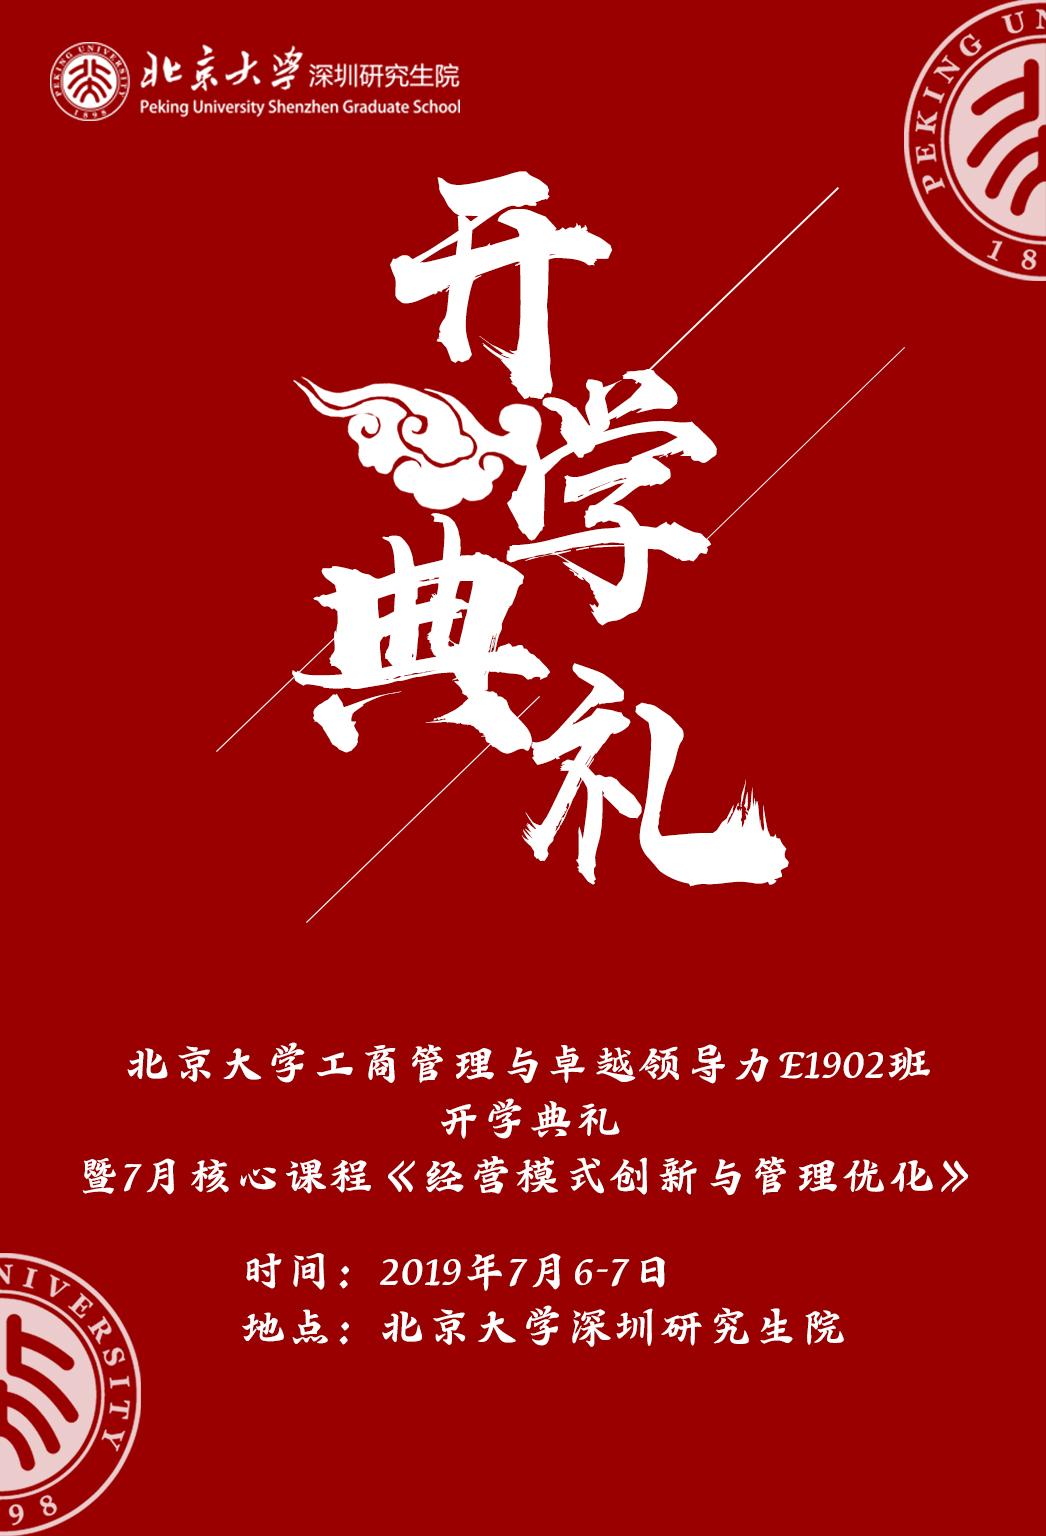 北京大学工商管理与卓越领导力E1902班开学啦!